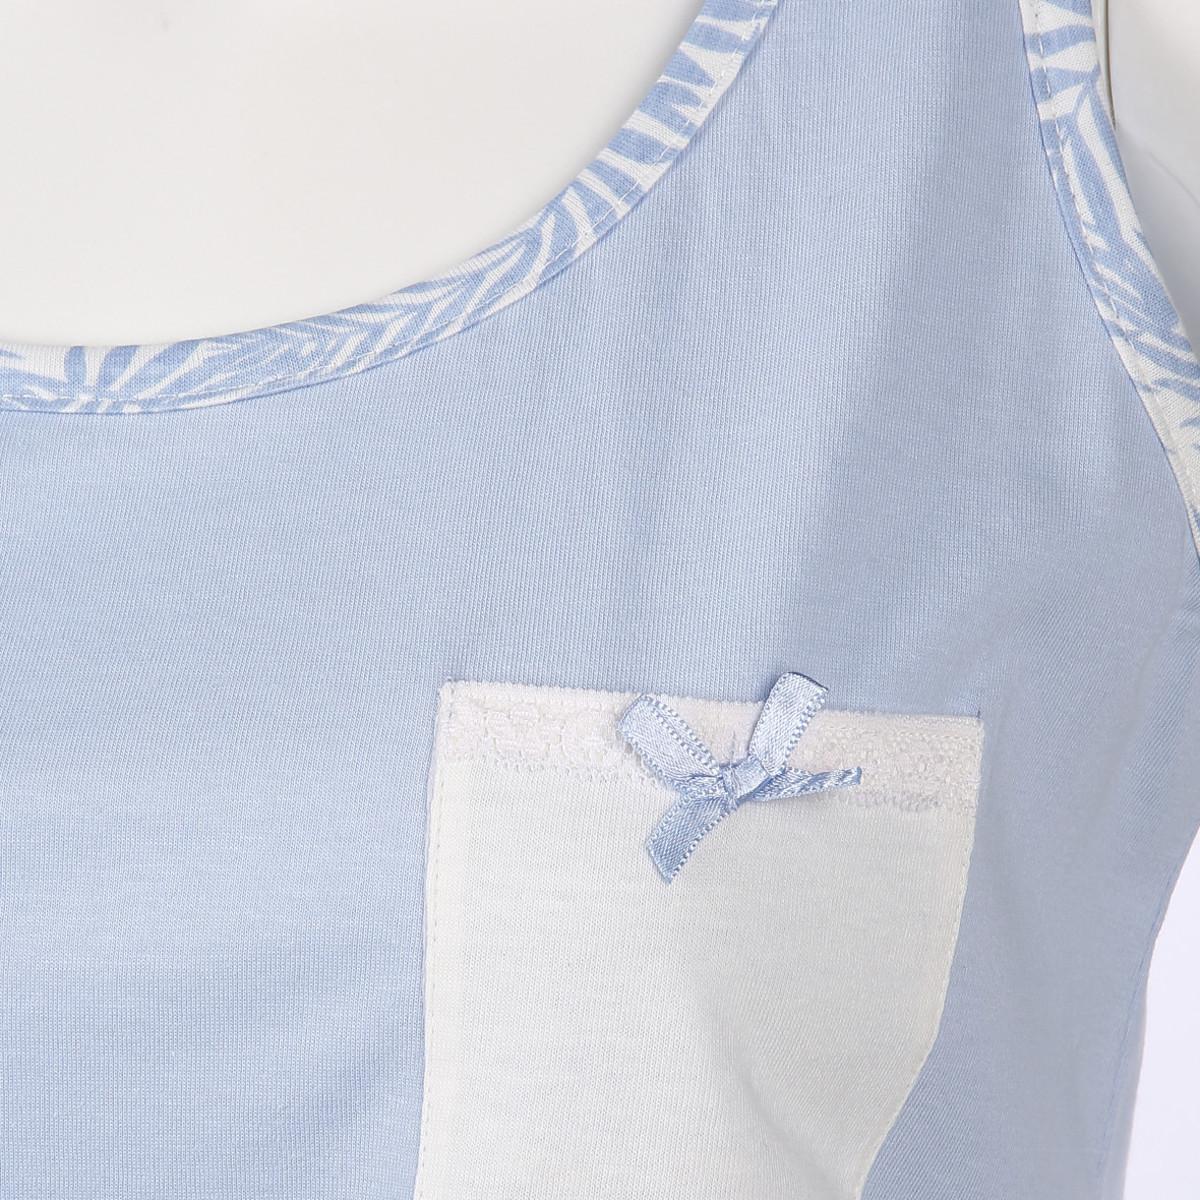 Bild 3 von Damen Schlaftop mit Brusttasche